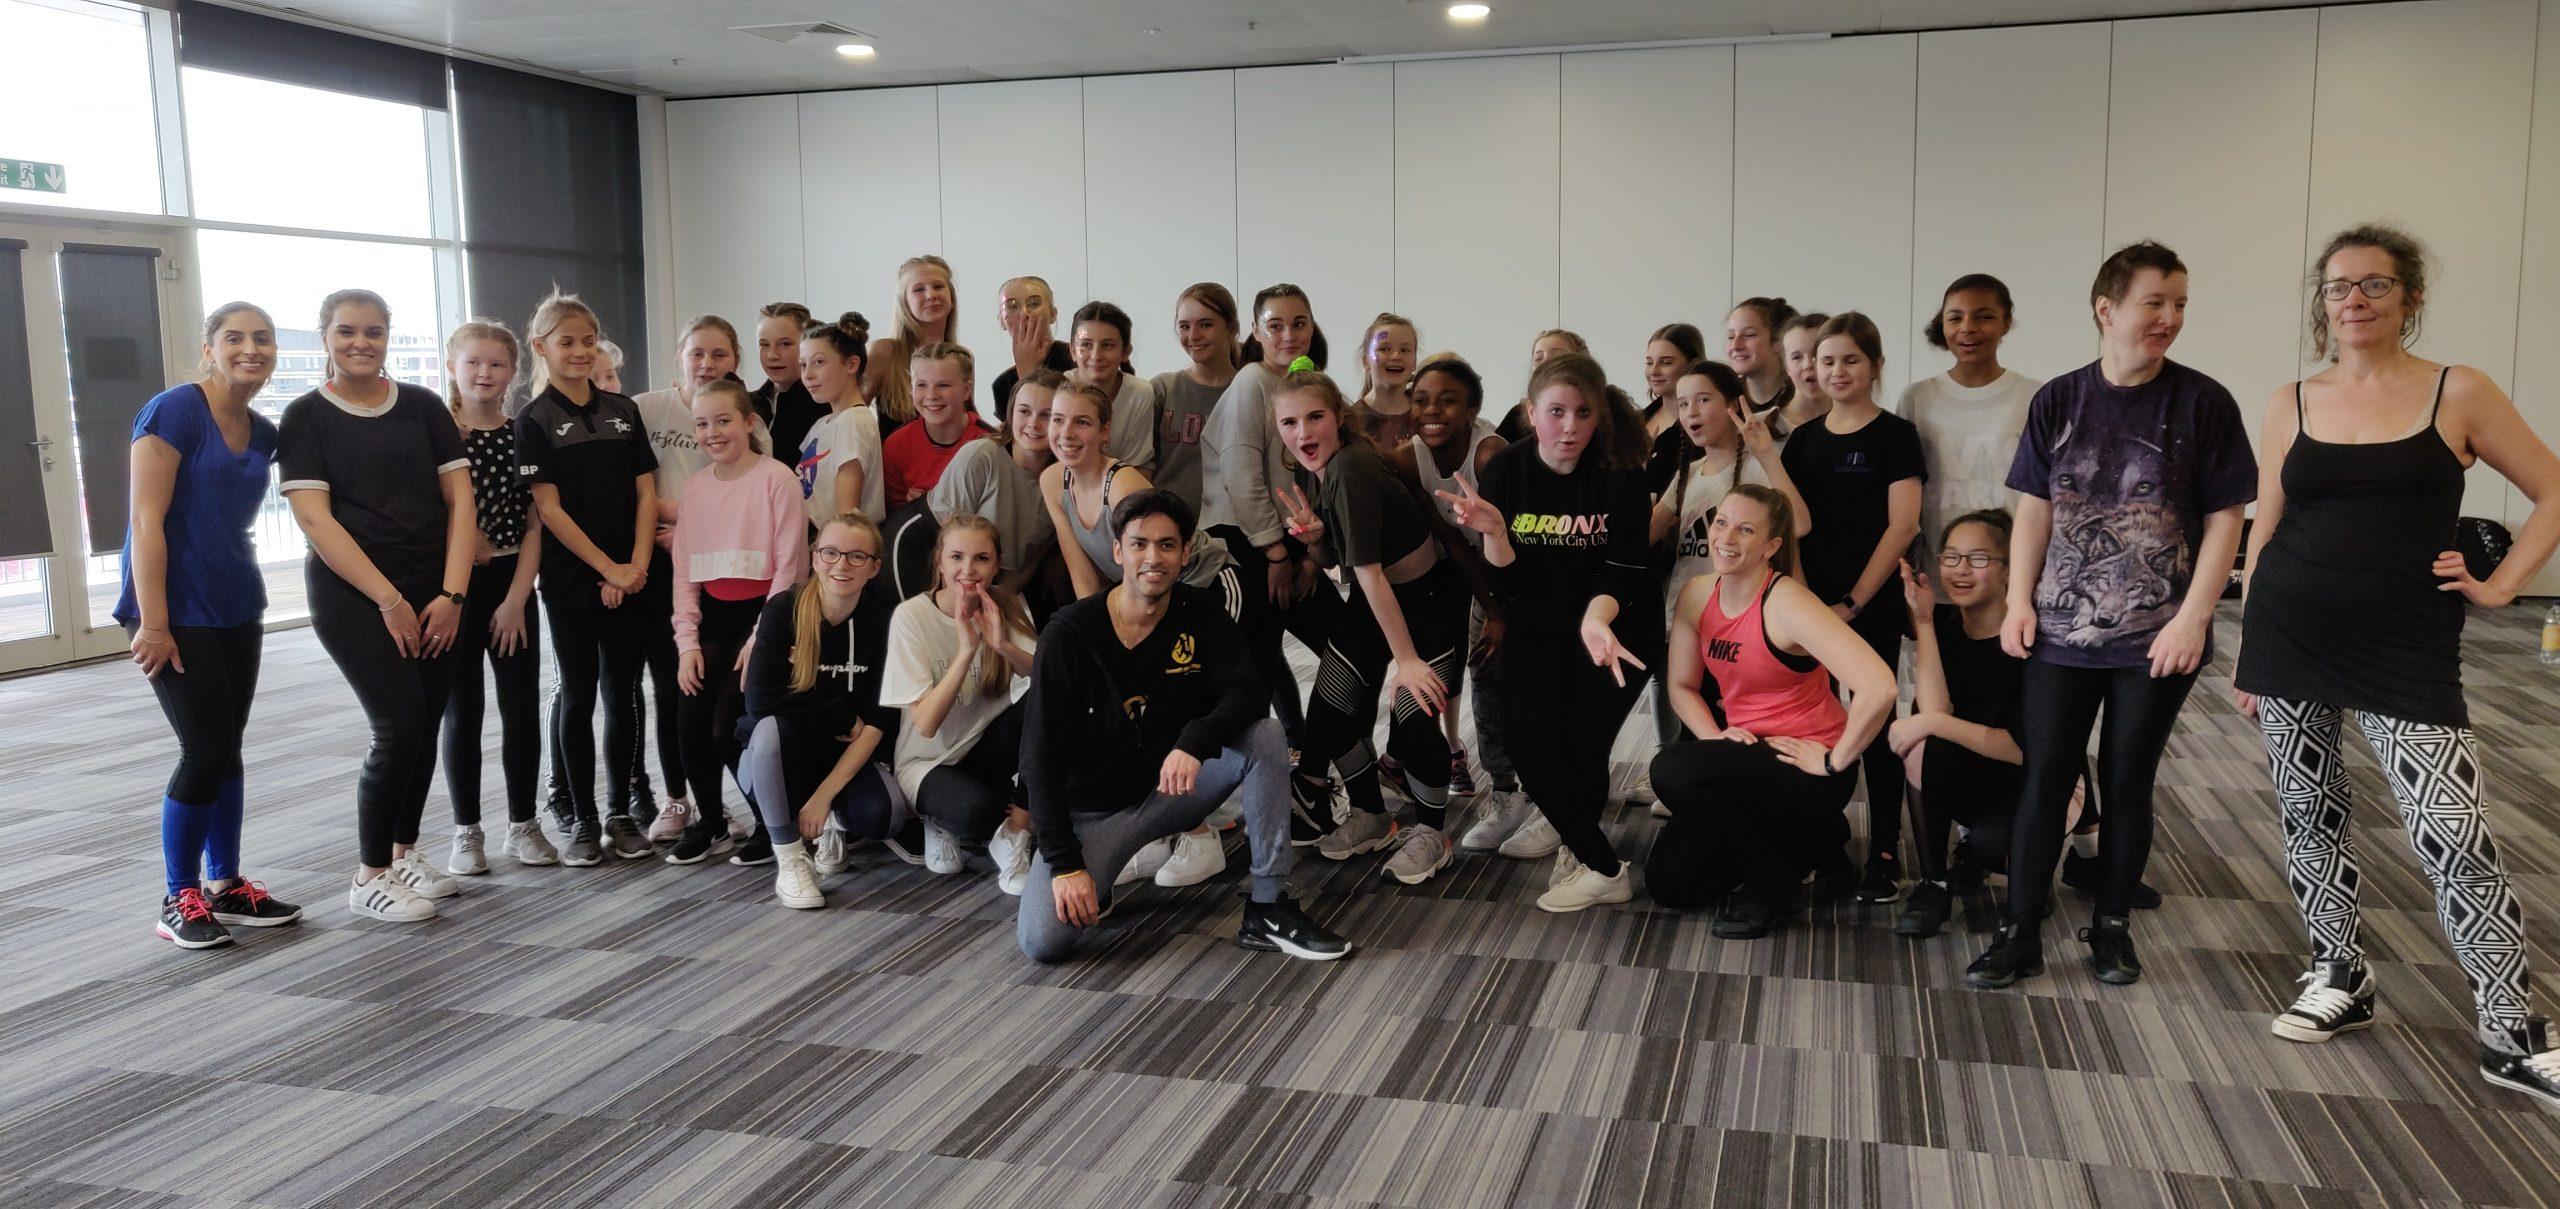 Dance workshop bollywood